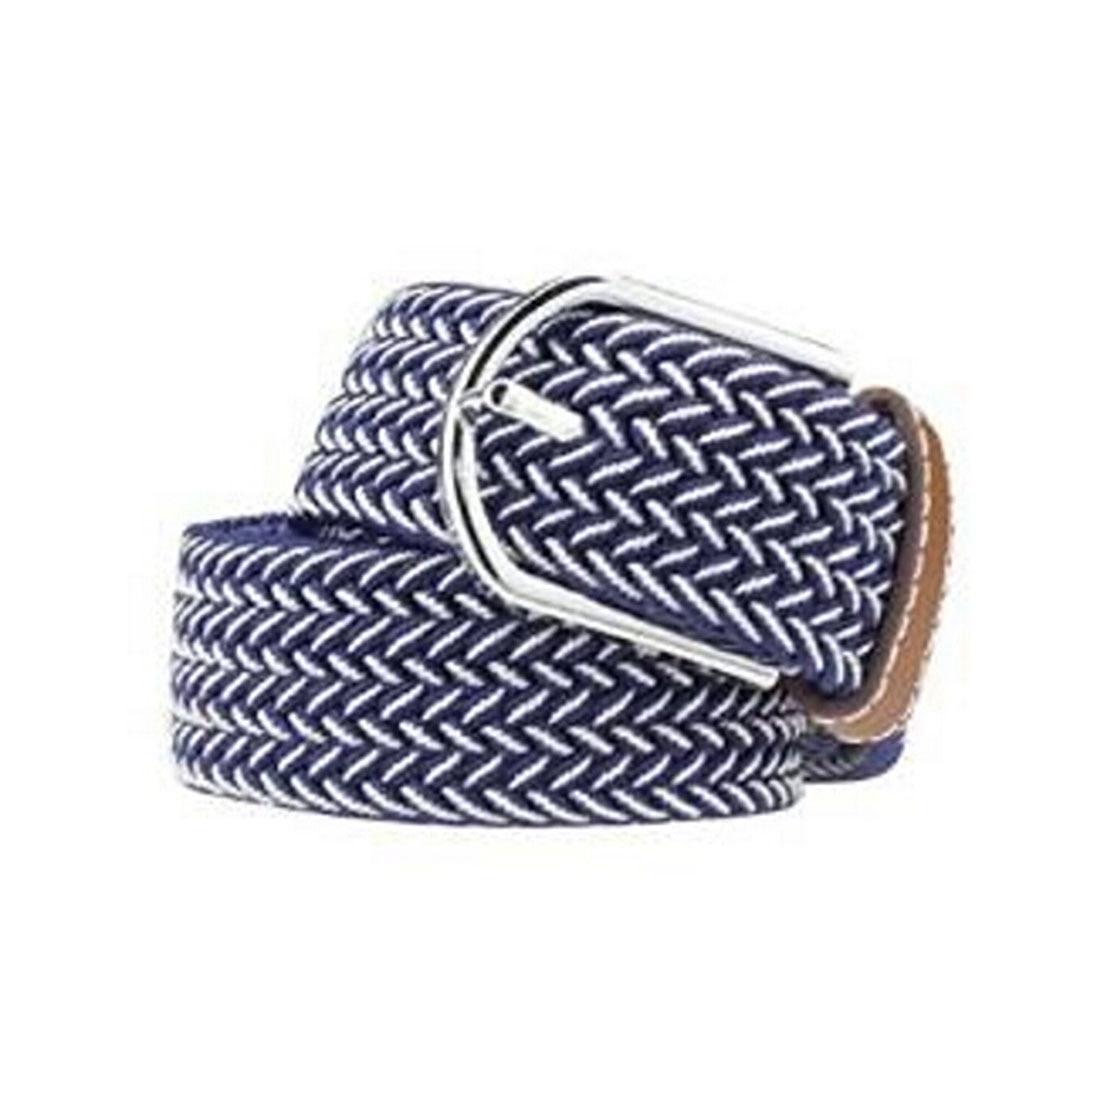 Men Casual Canvas Belt Elastic Rubber Concise Belt Metal Buckle Belt Blue White